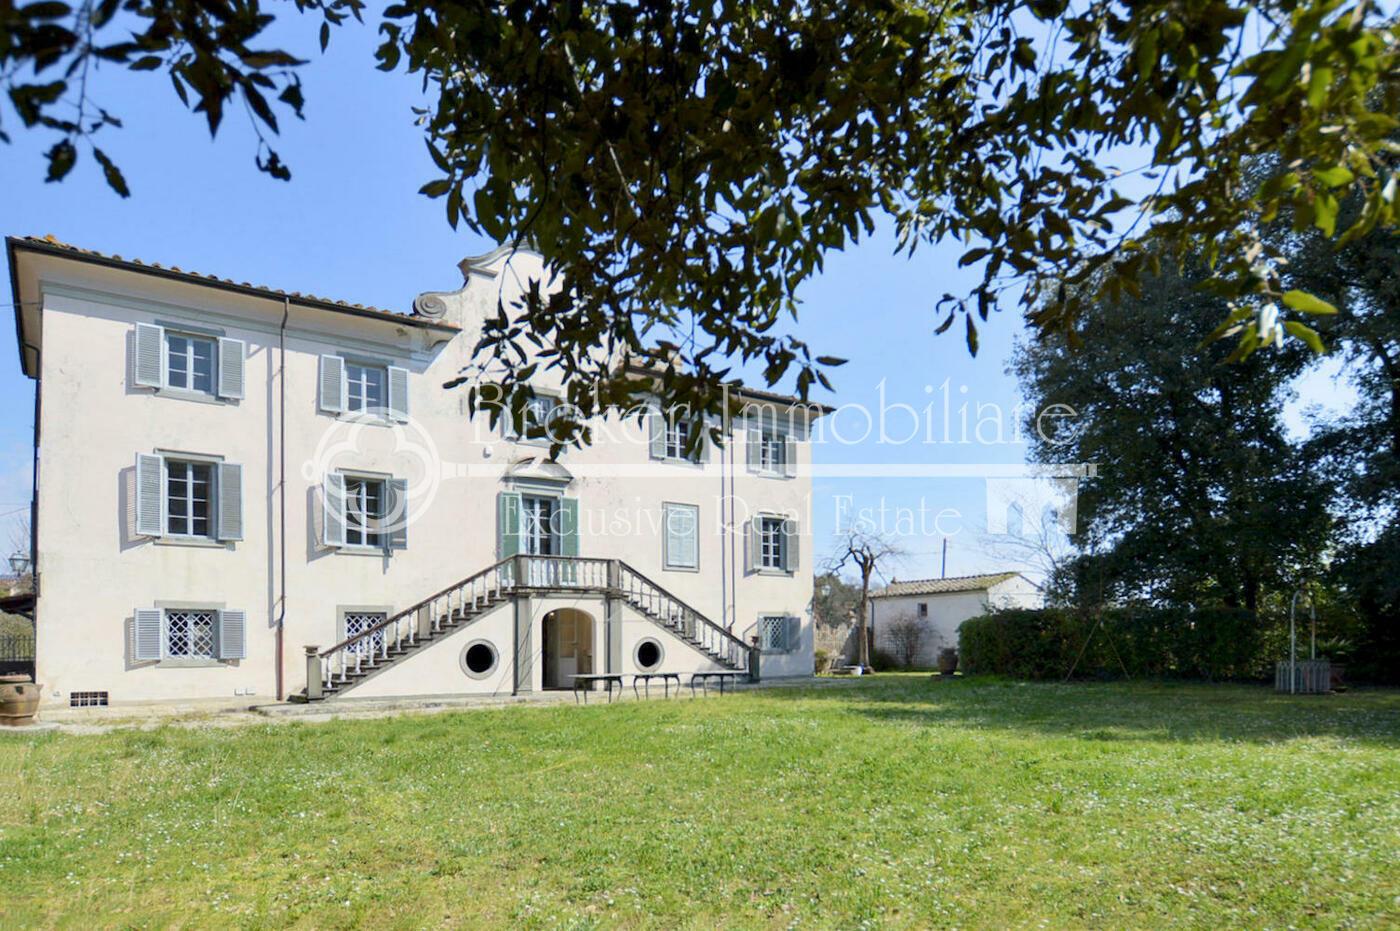 Villa storica in vendita a Lucca, con limonaia e parco